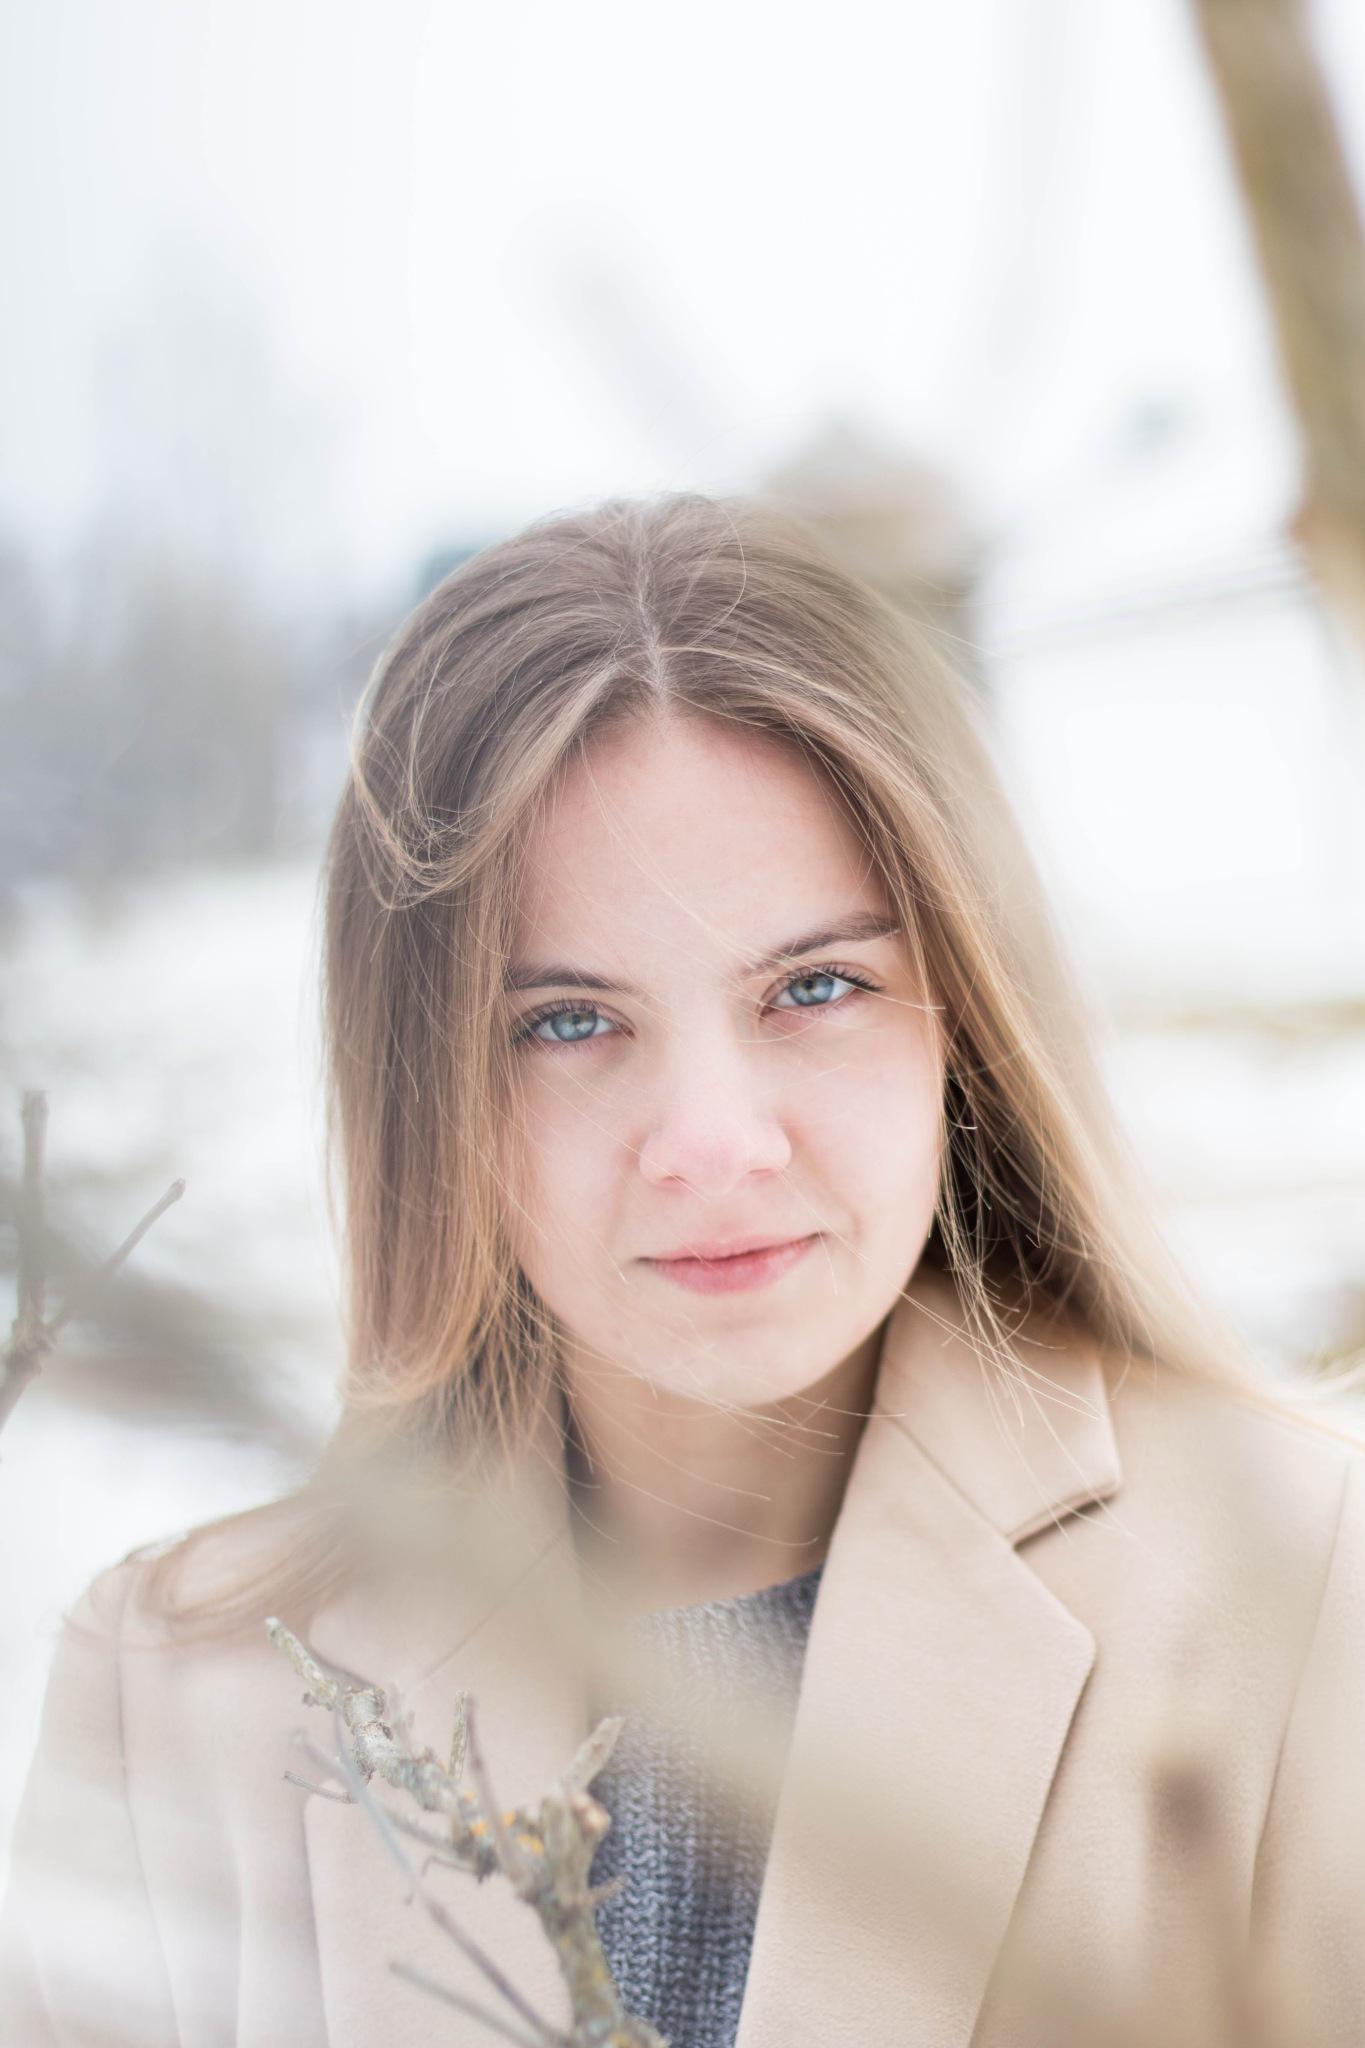 Windy eyes by Zuzana Ludvikova